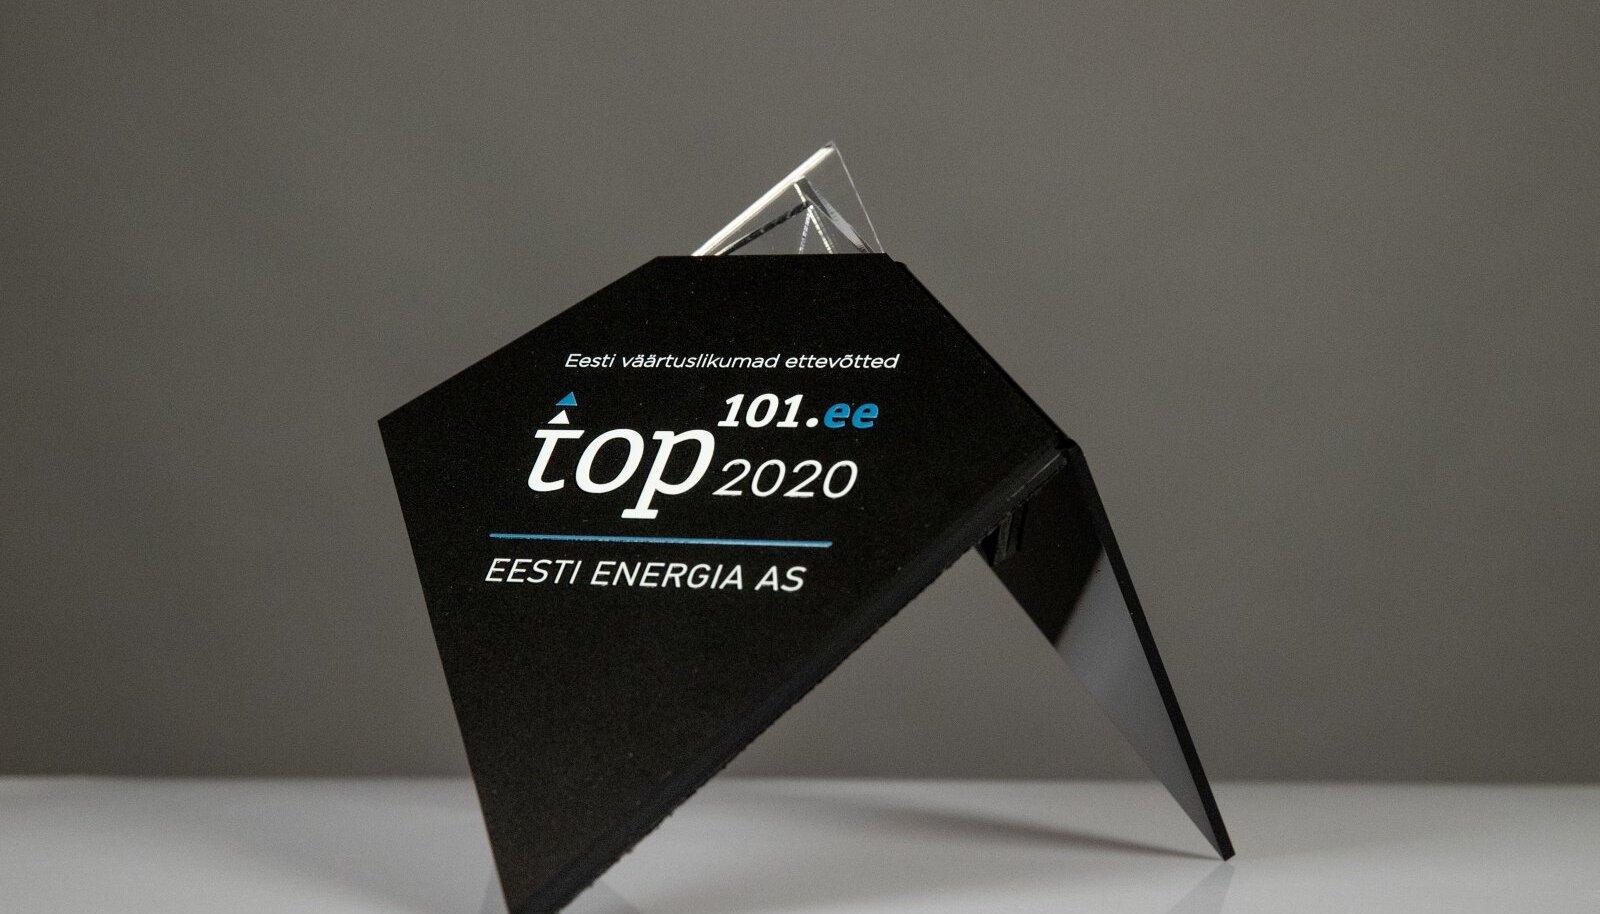 TOP101 Väärtuslikumat Ettevõtet